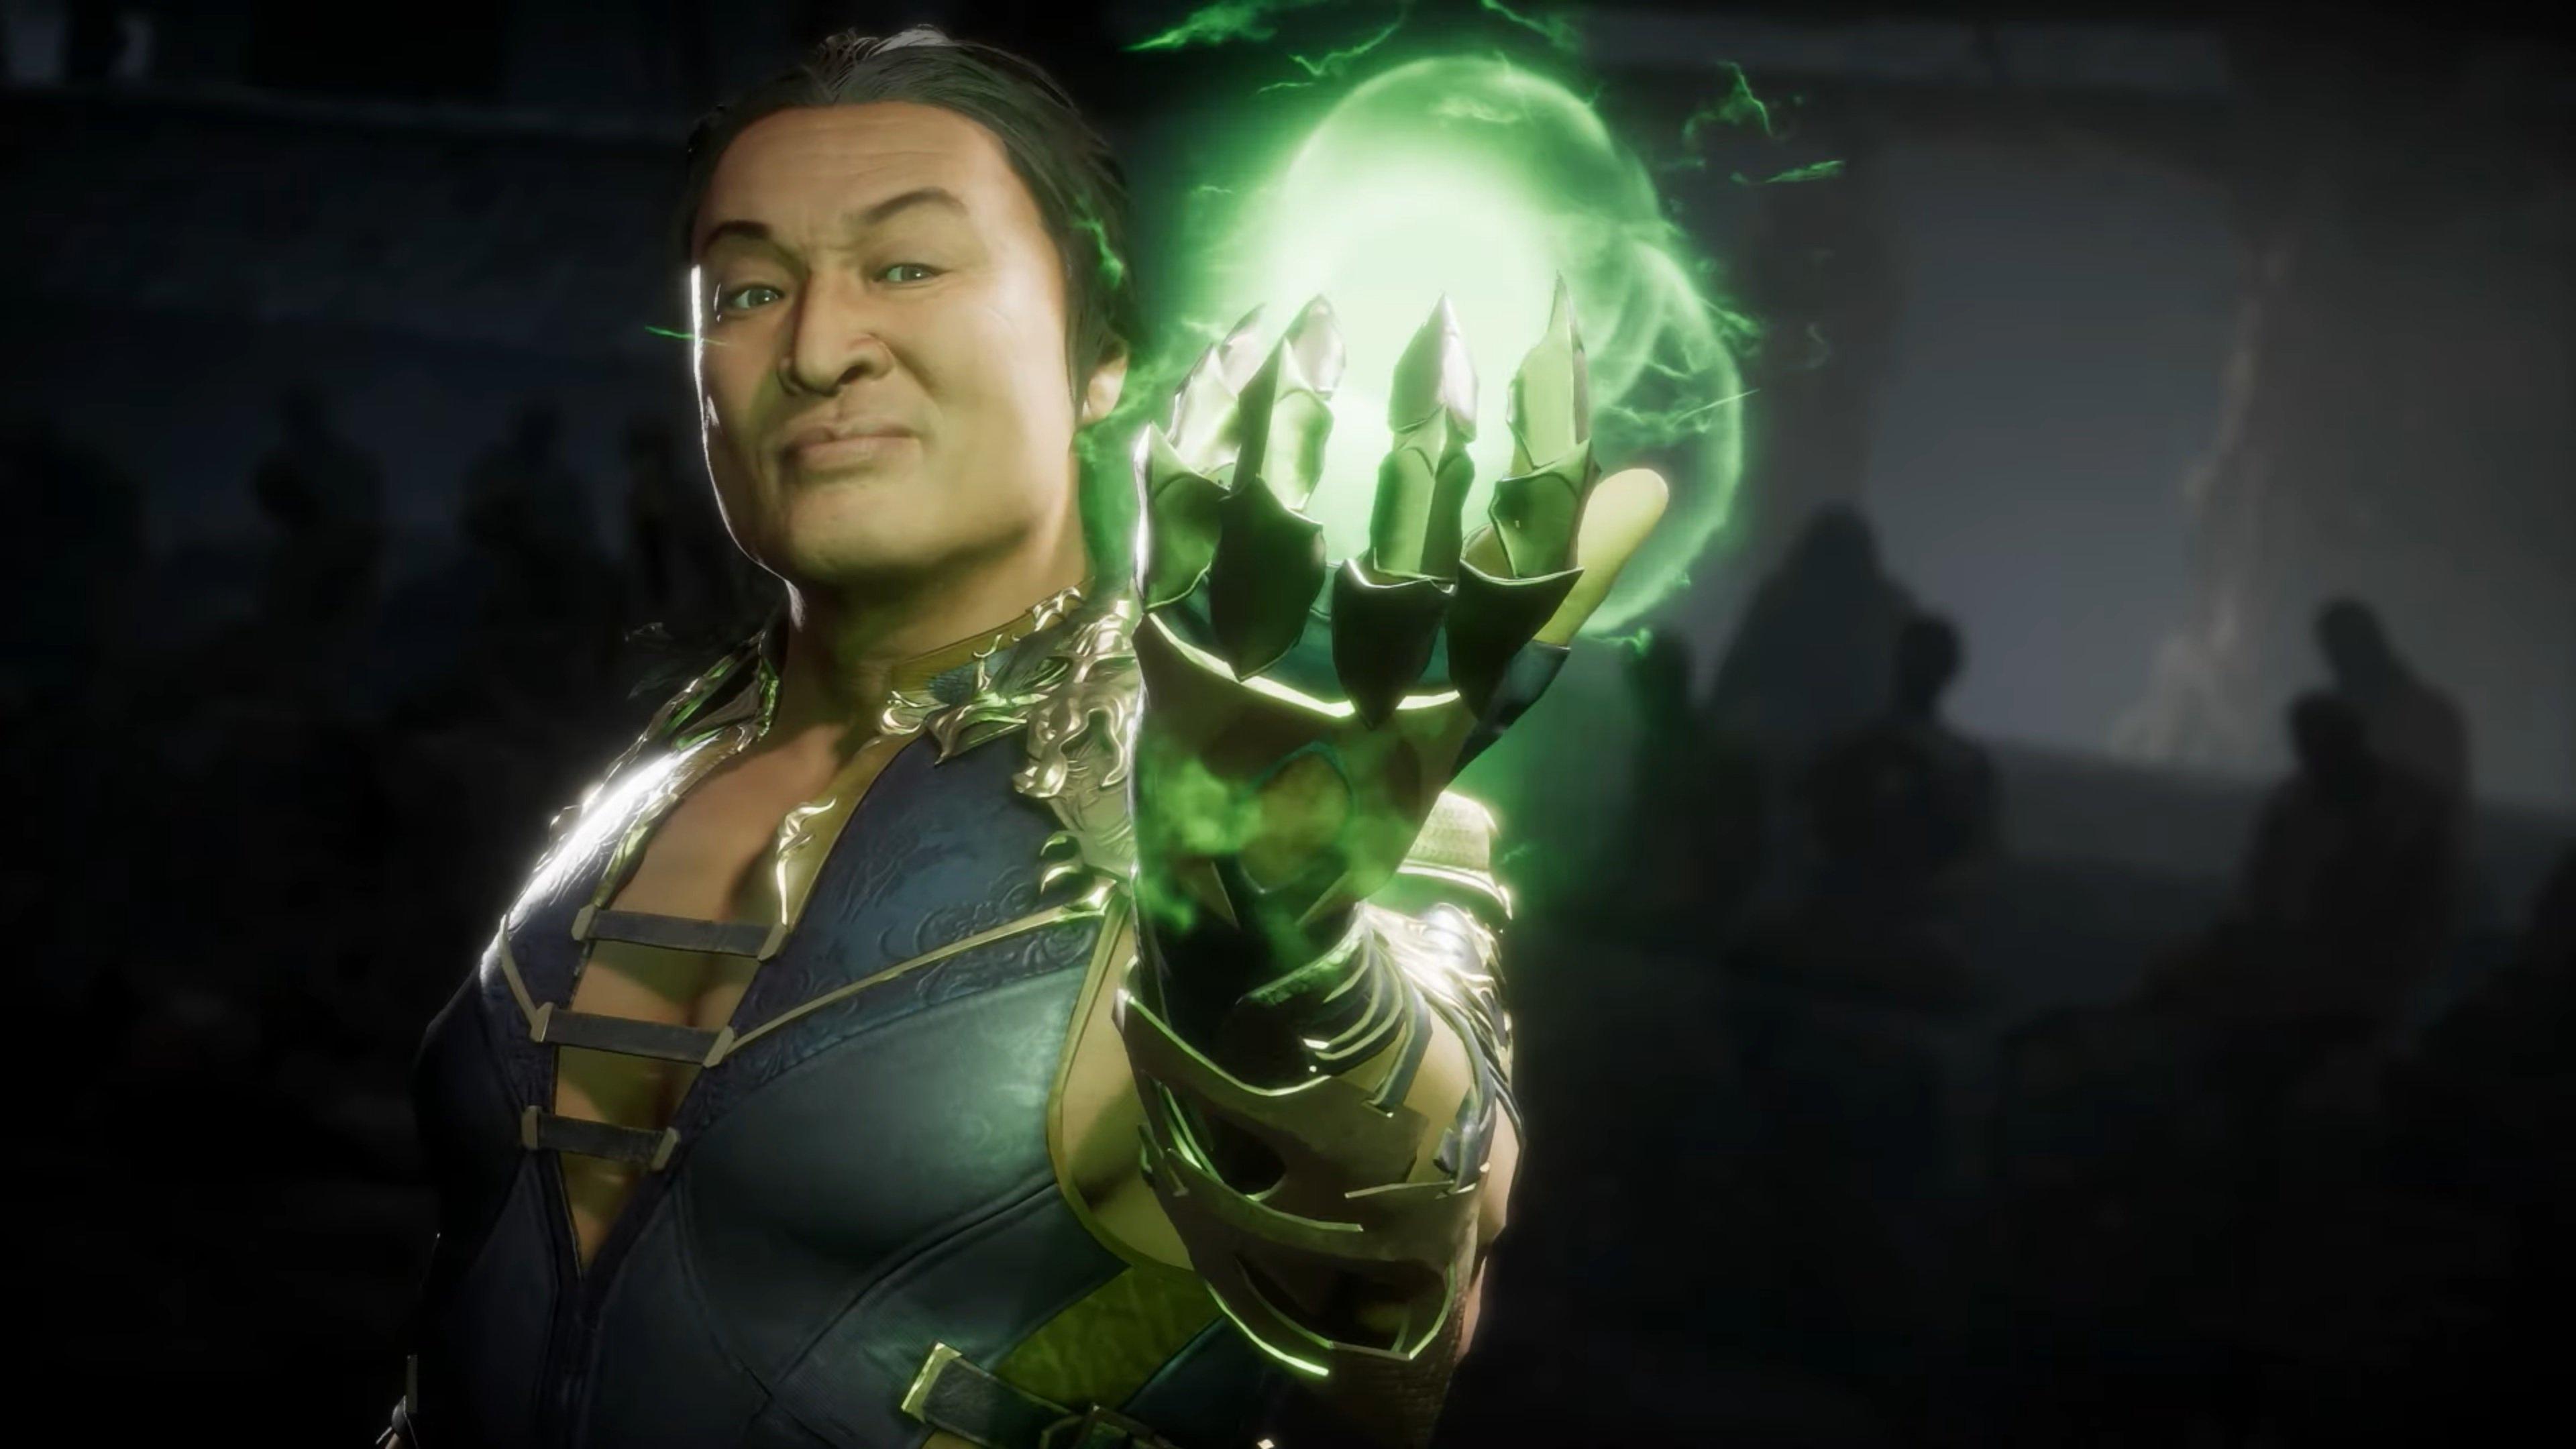 Spawn, Sindel e Nightwolf serão adicionados em Mortal Kombat 11 via DLC; Trailer para o personagem Shang Tsung